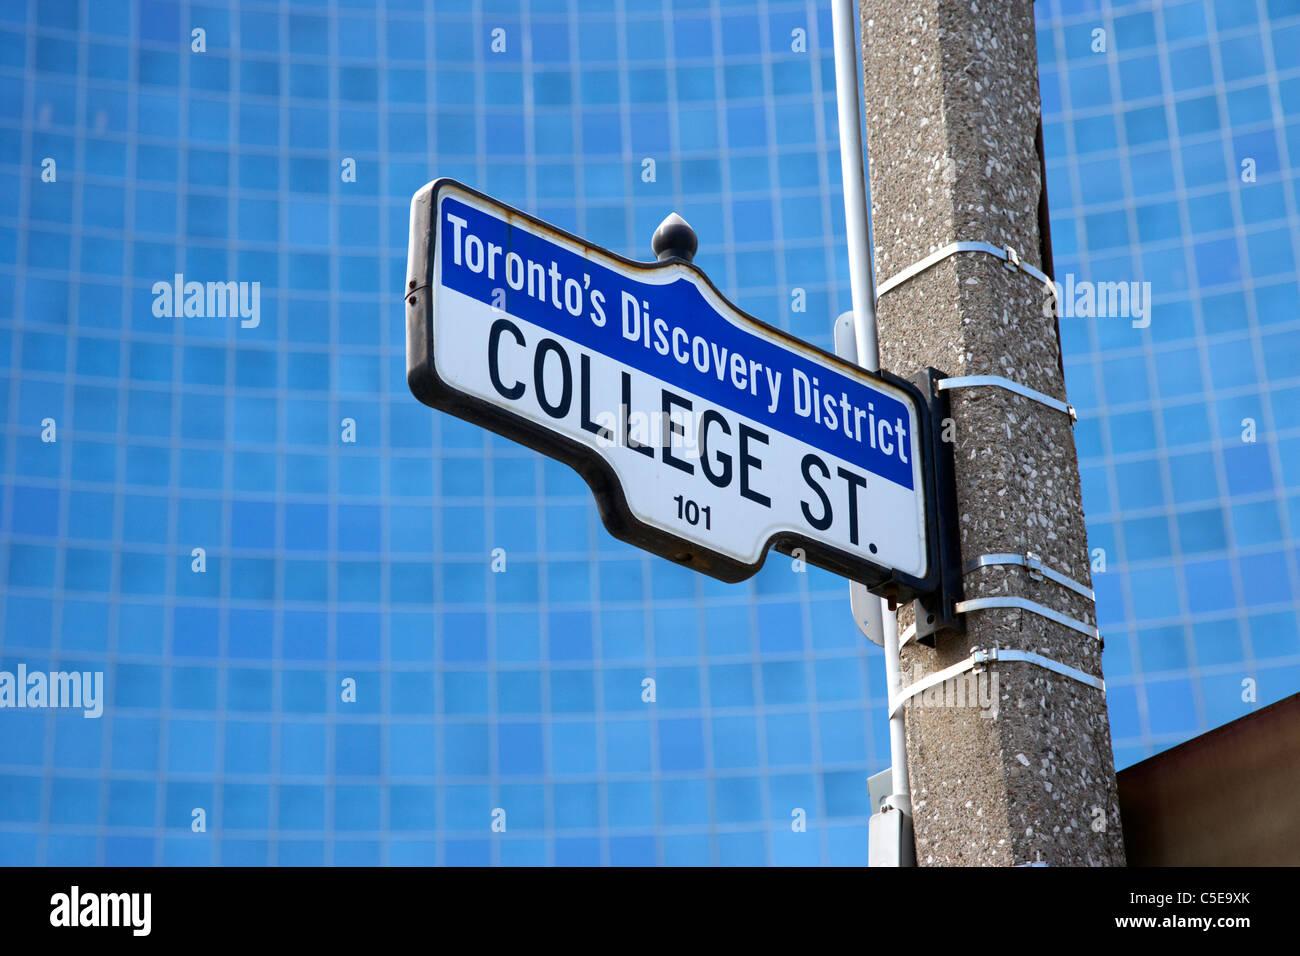 Toronto scoperta del distretto college street segno davanti della ontario power generation edificio opg toronto Immagini Stock